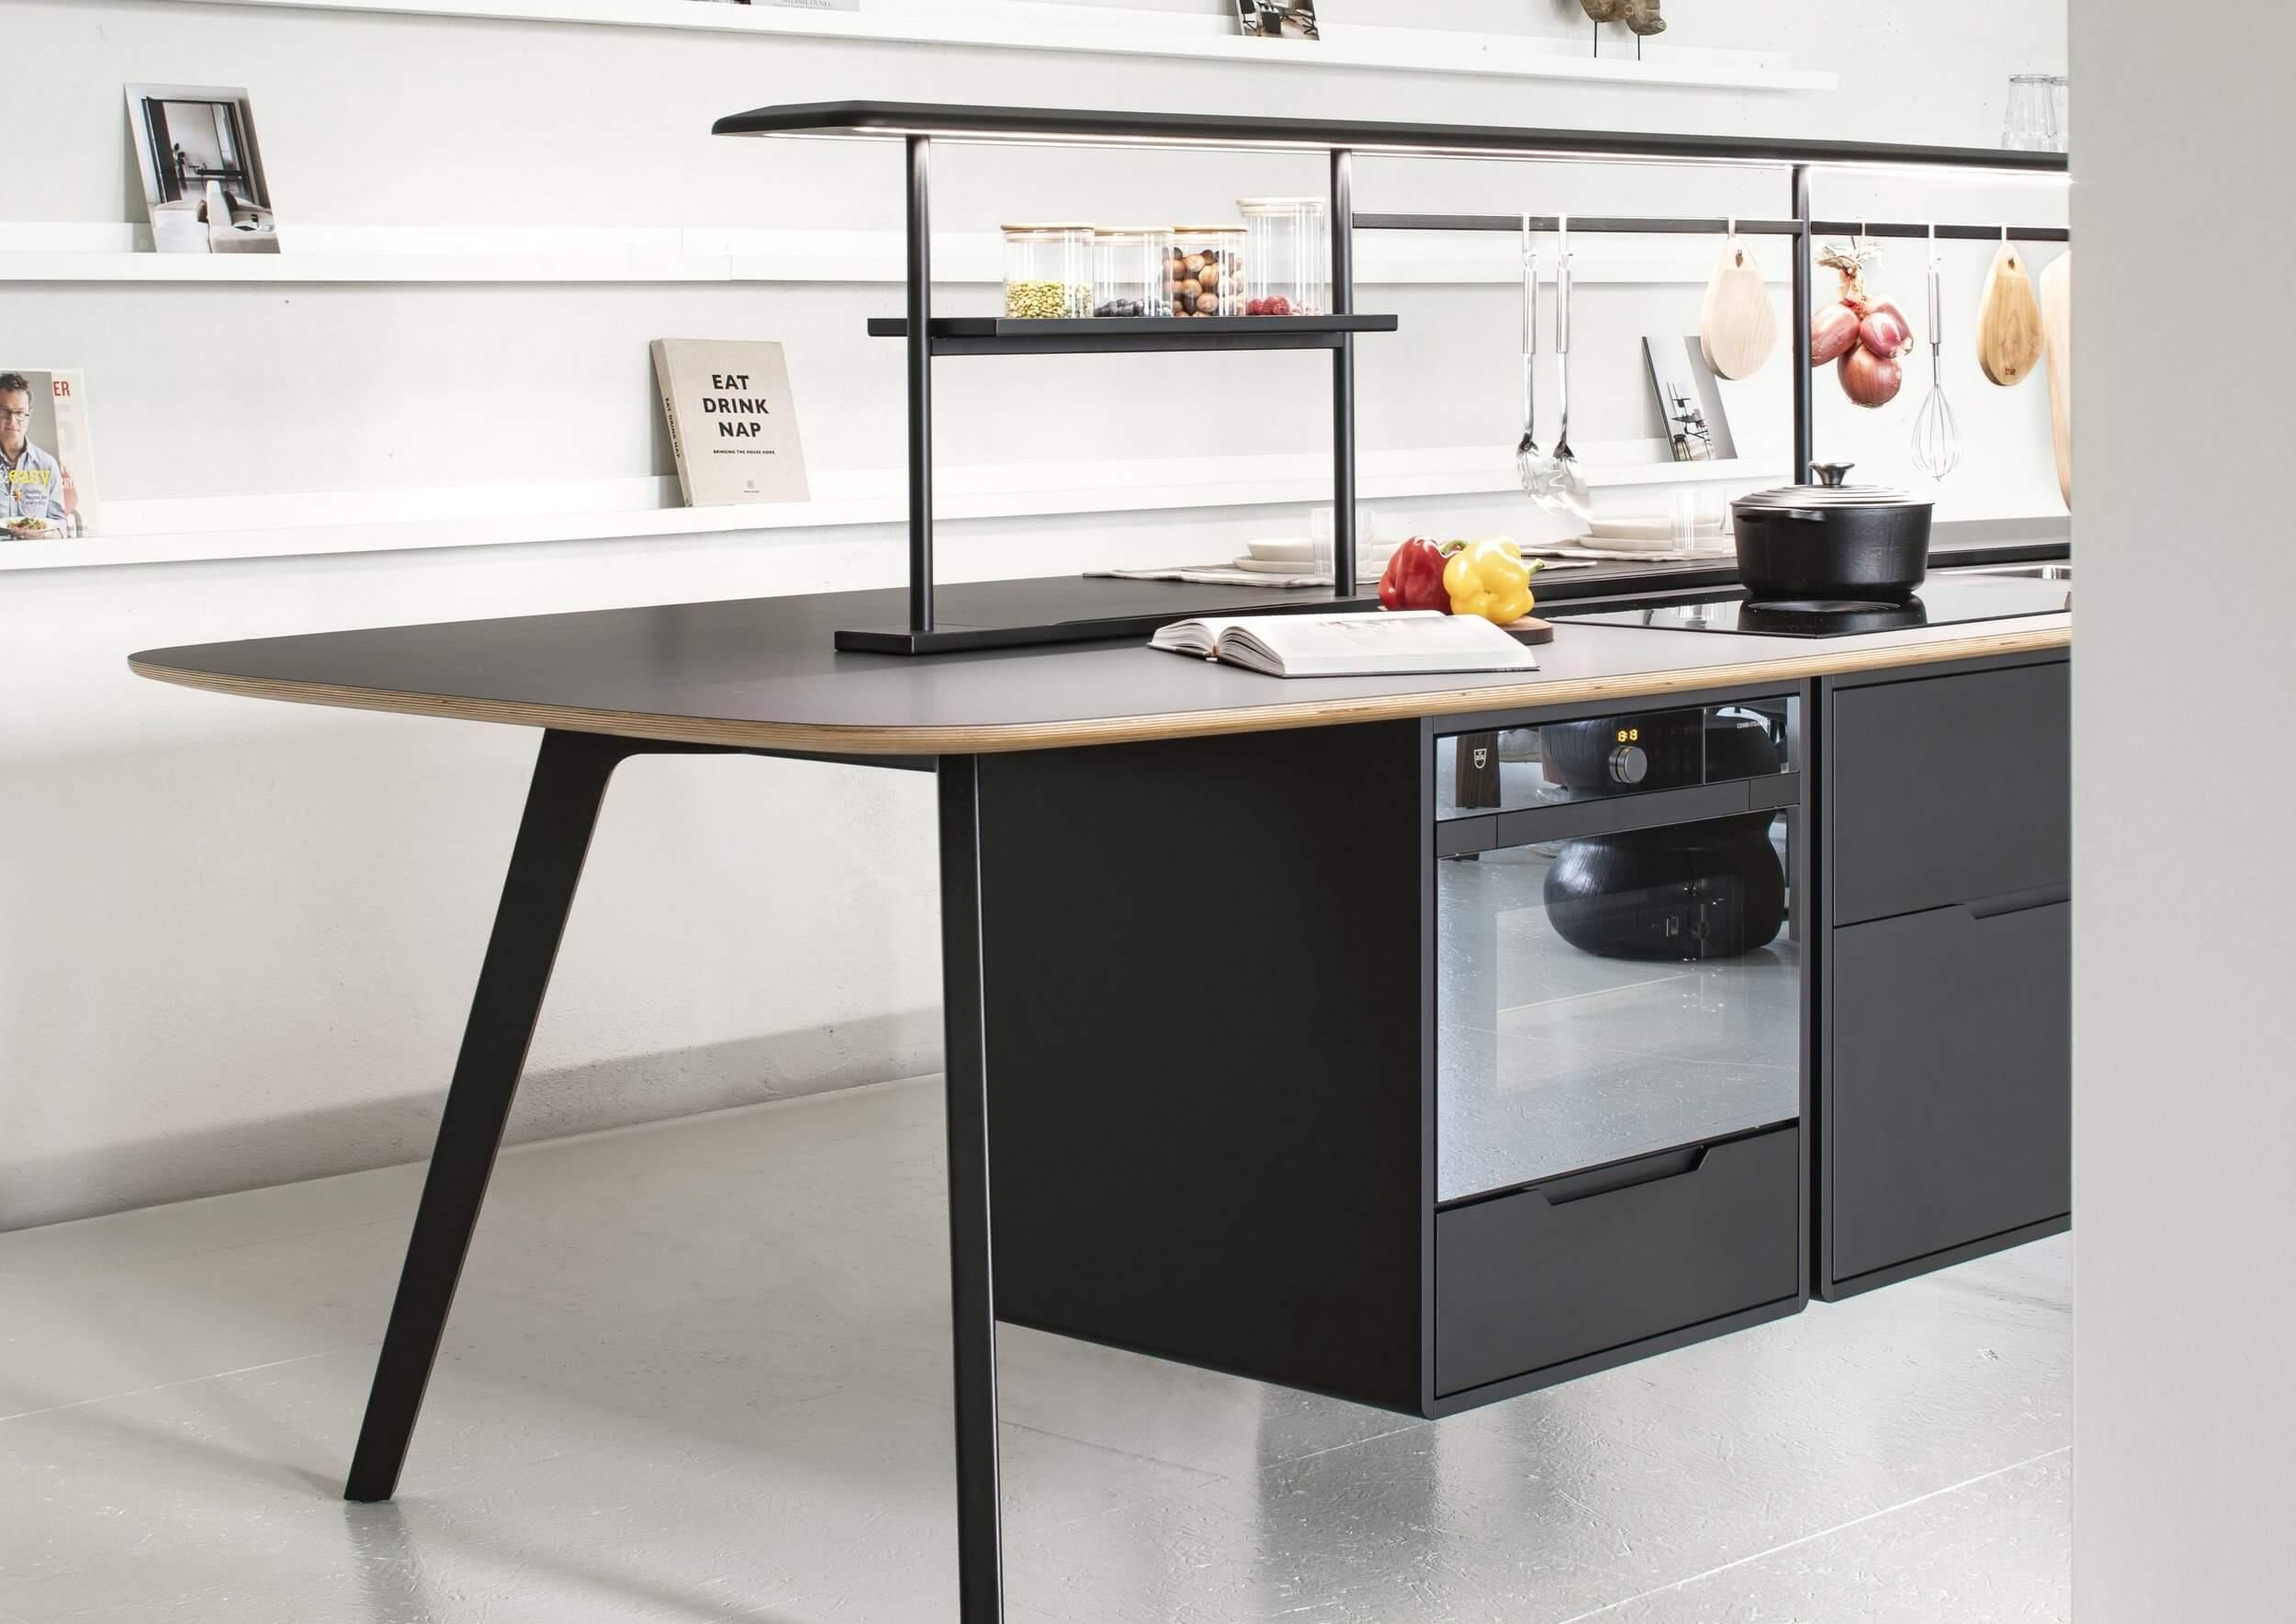 Mobilier de cuisine d'entreprise WING KITCHEN